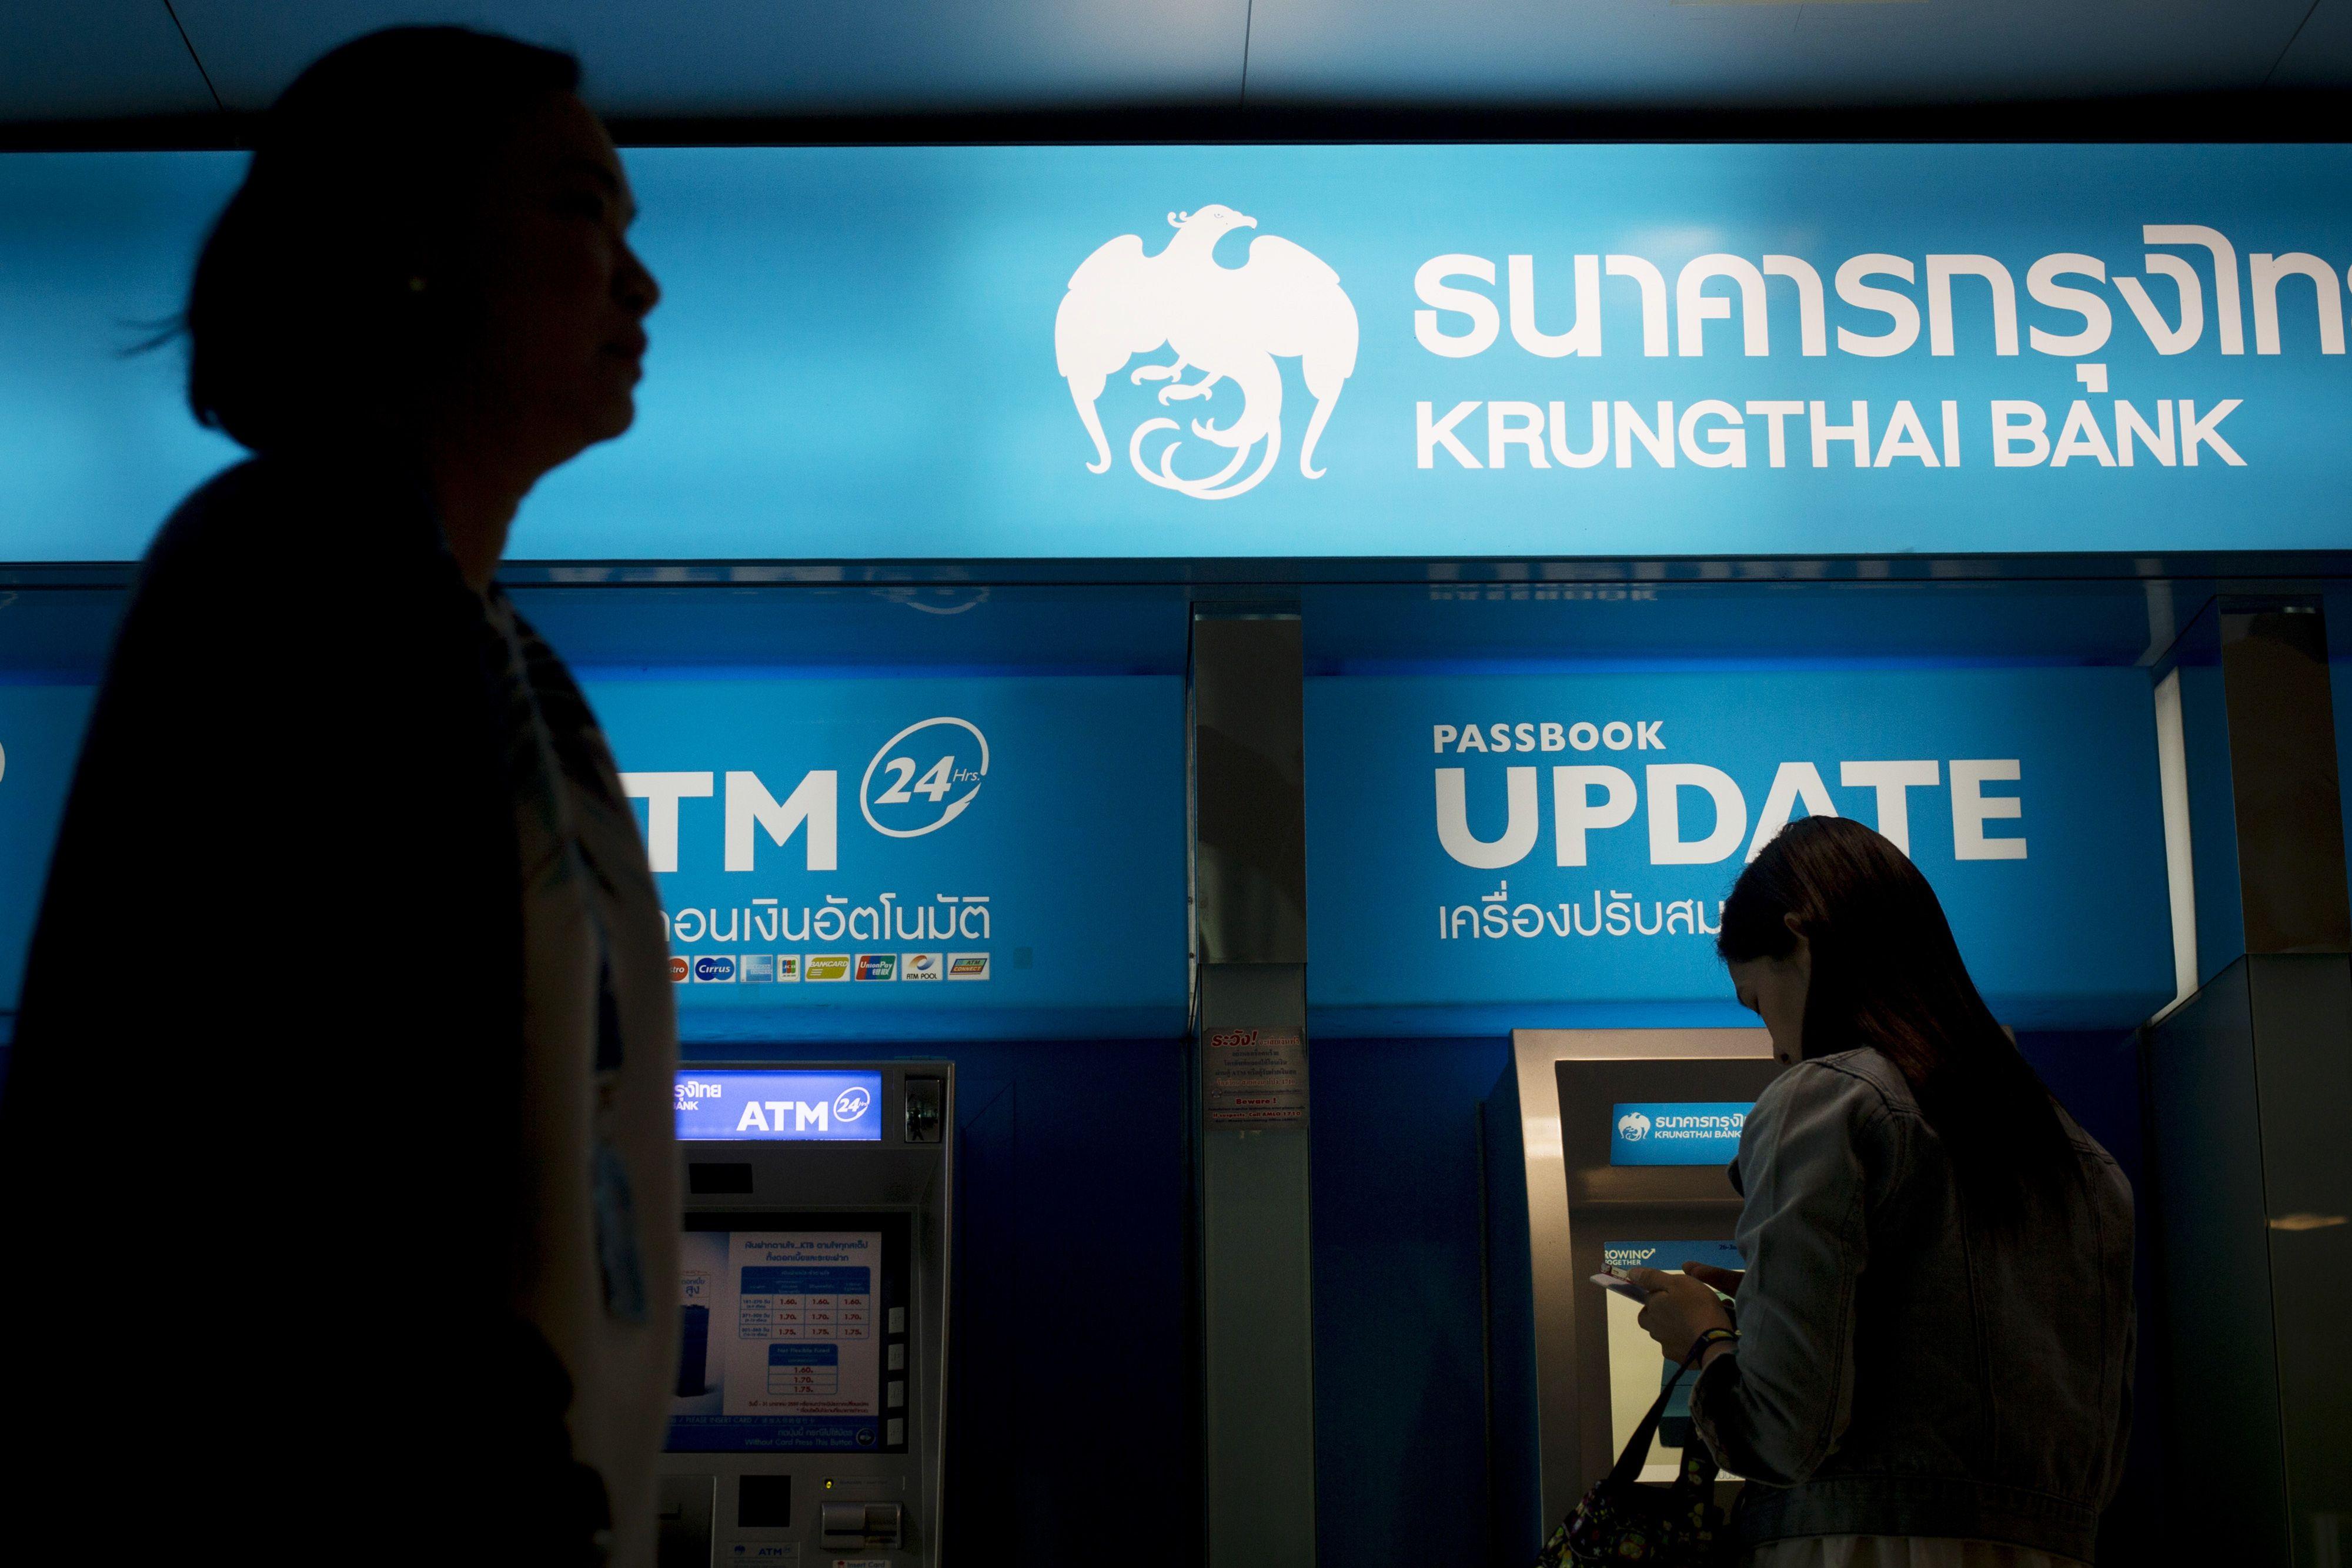 Gobierno de Tailandia emitirá 6.5 millones de dólares aproximadamente en bonos de ahorros a través de blockchain